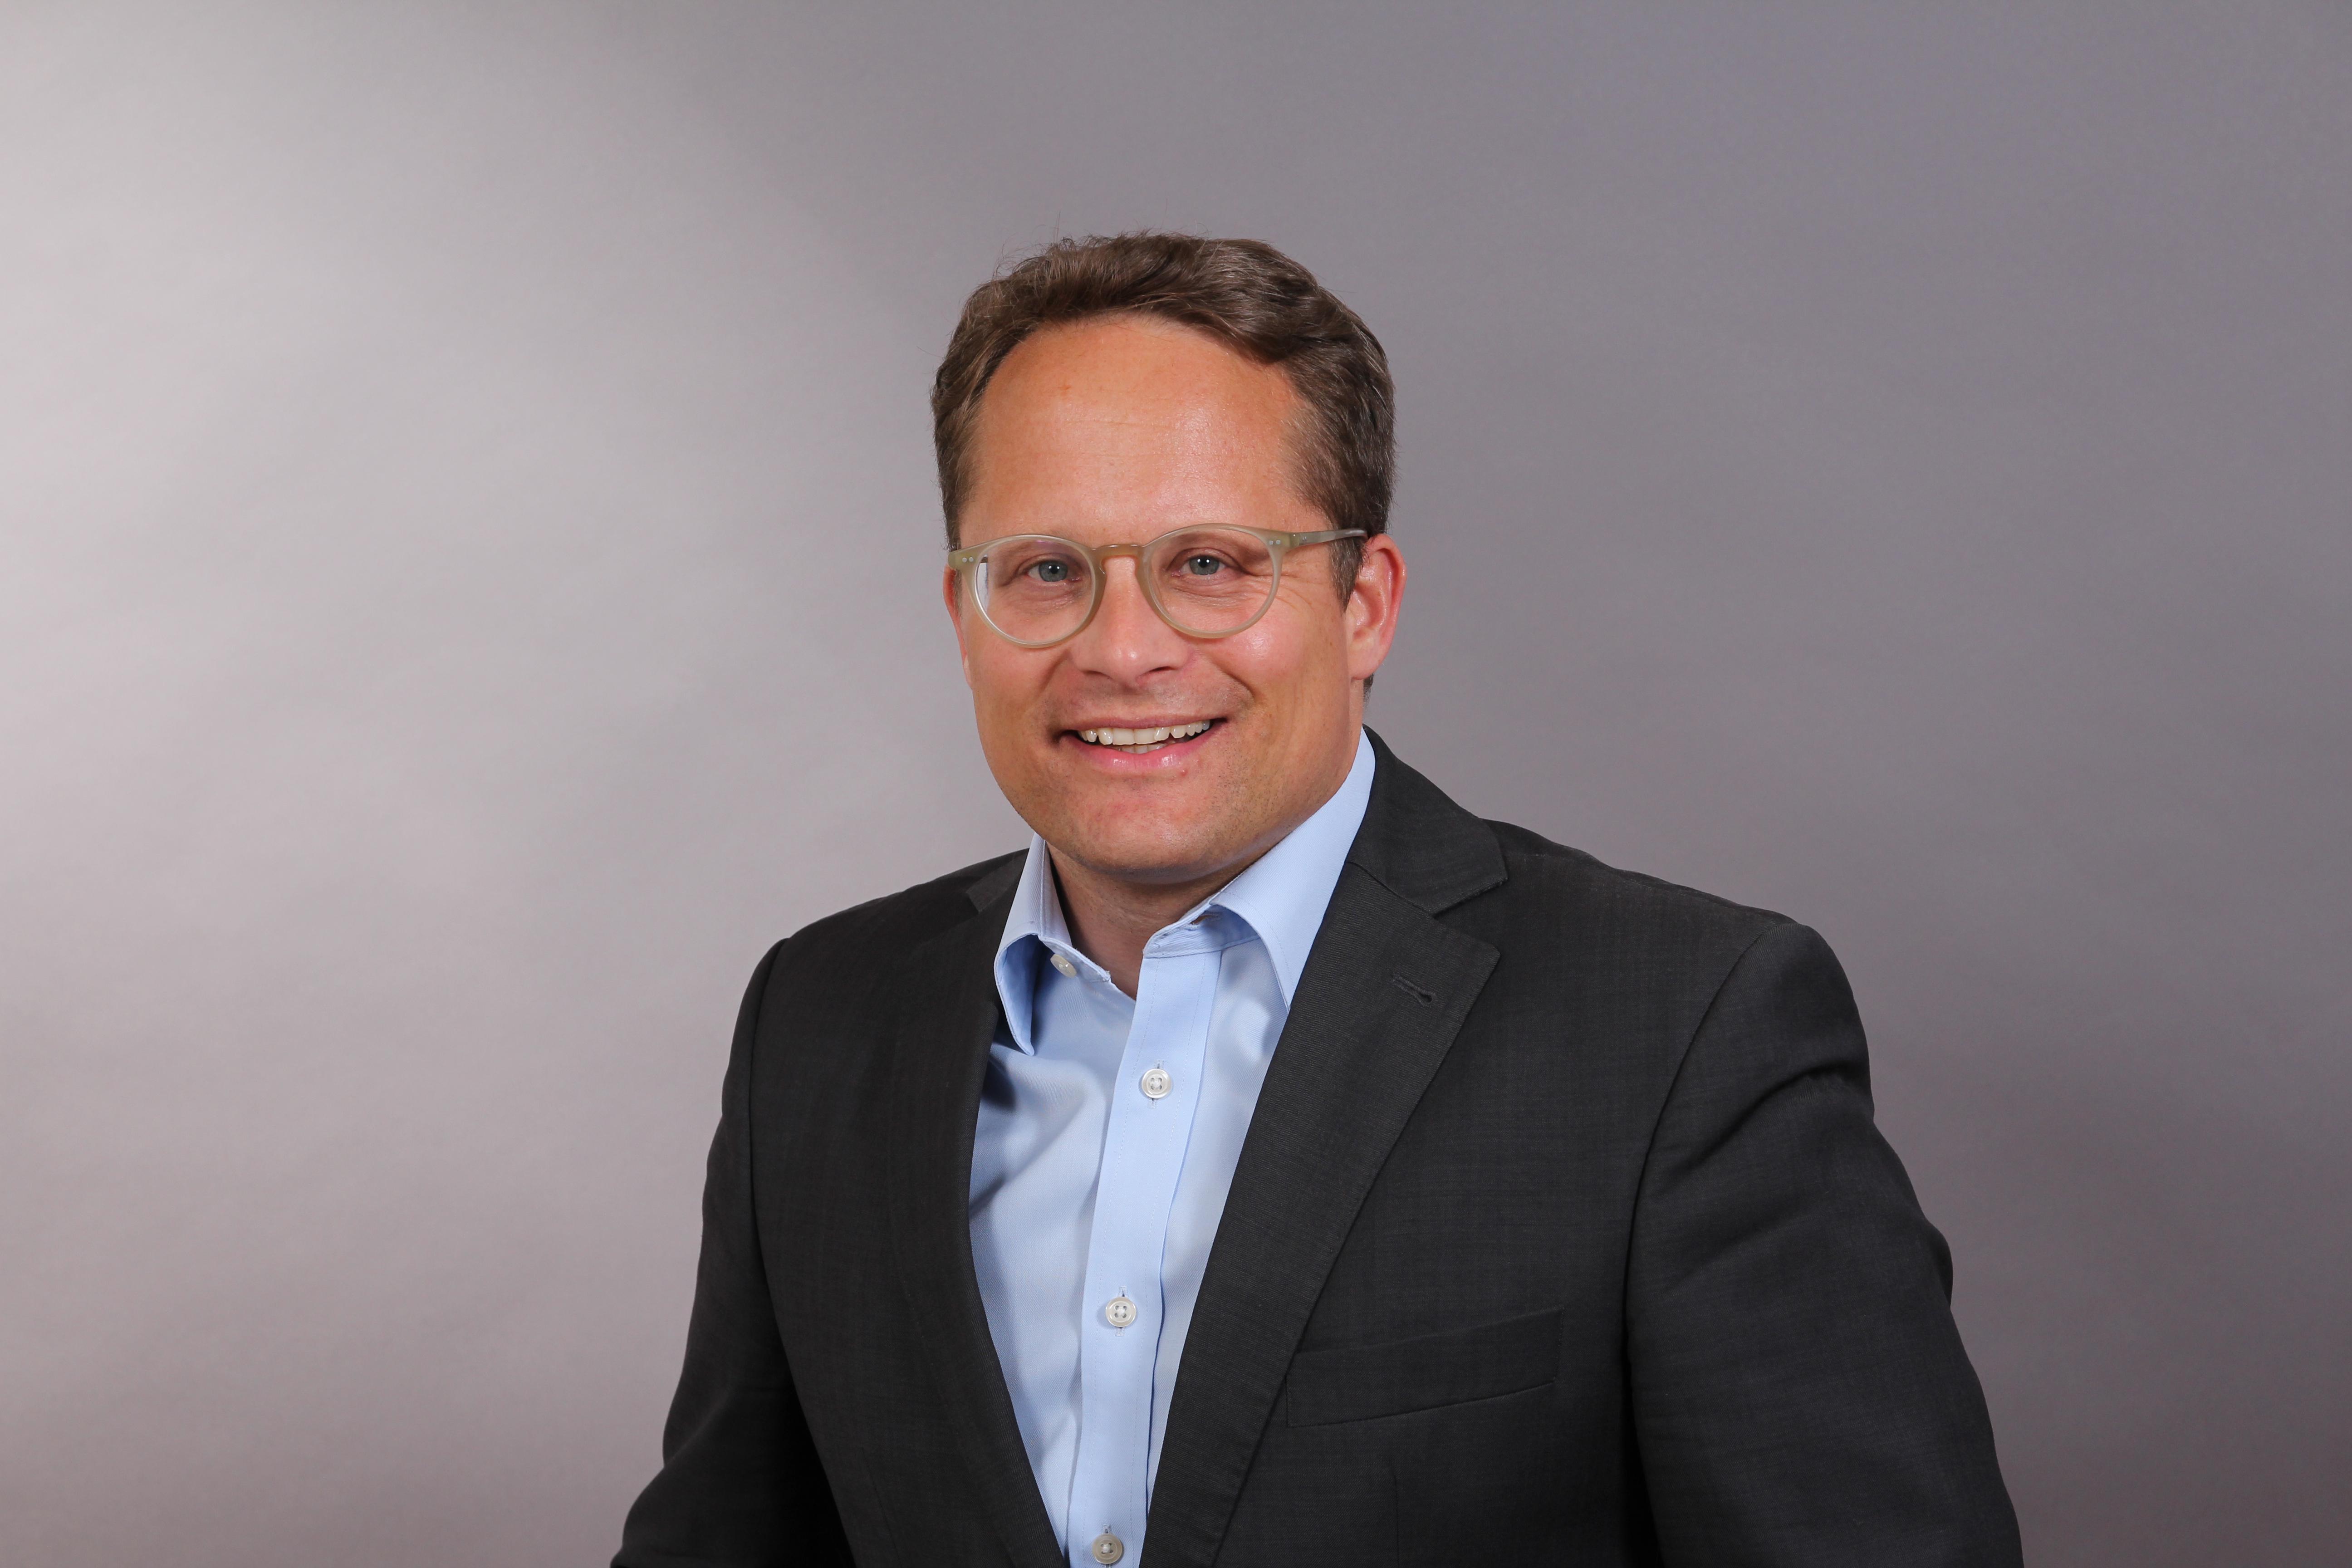 Christoph Stresing kommt zum Bundesverband Deutsche Startups